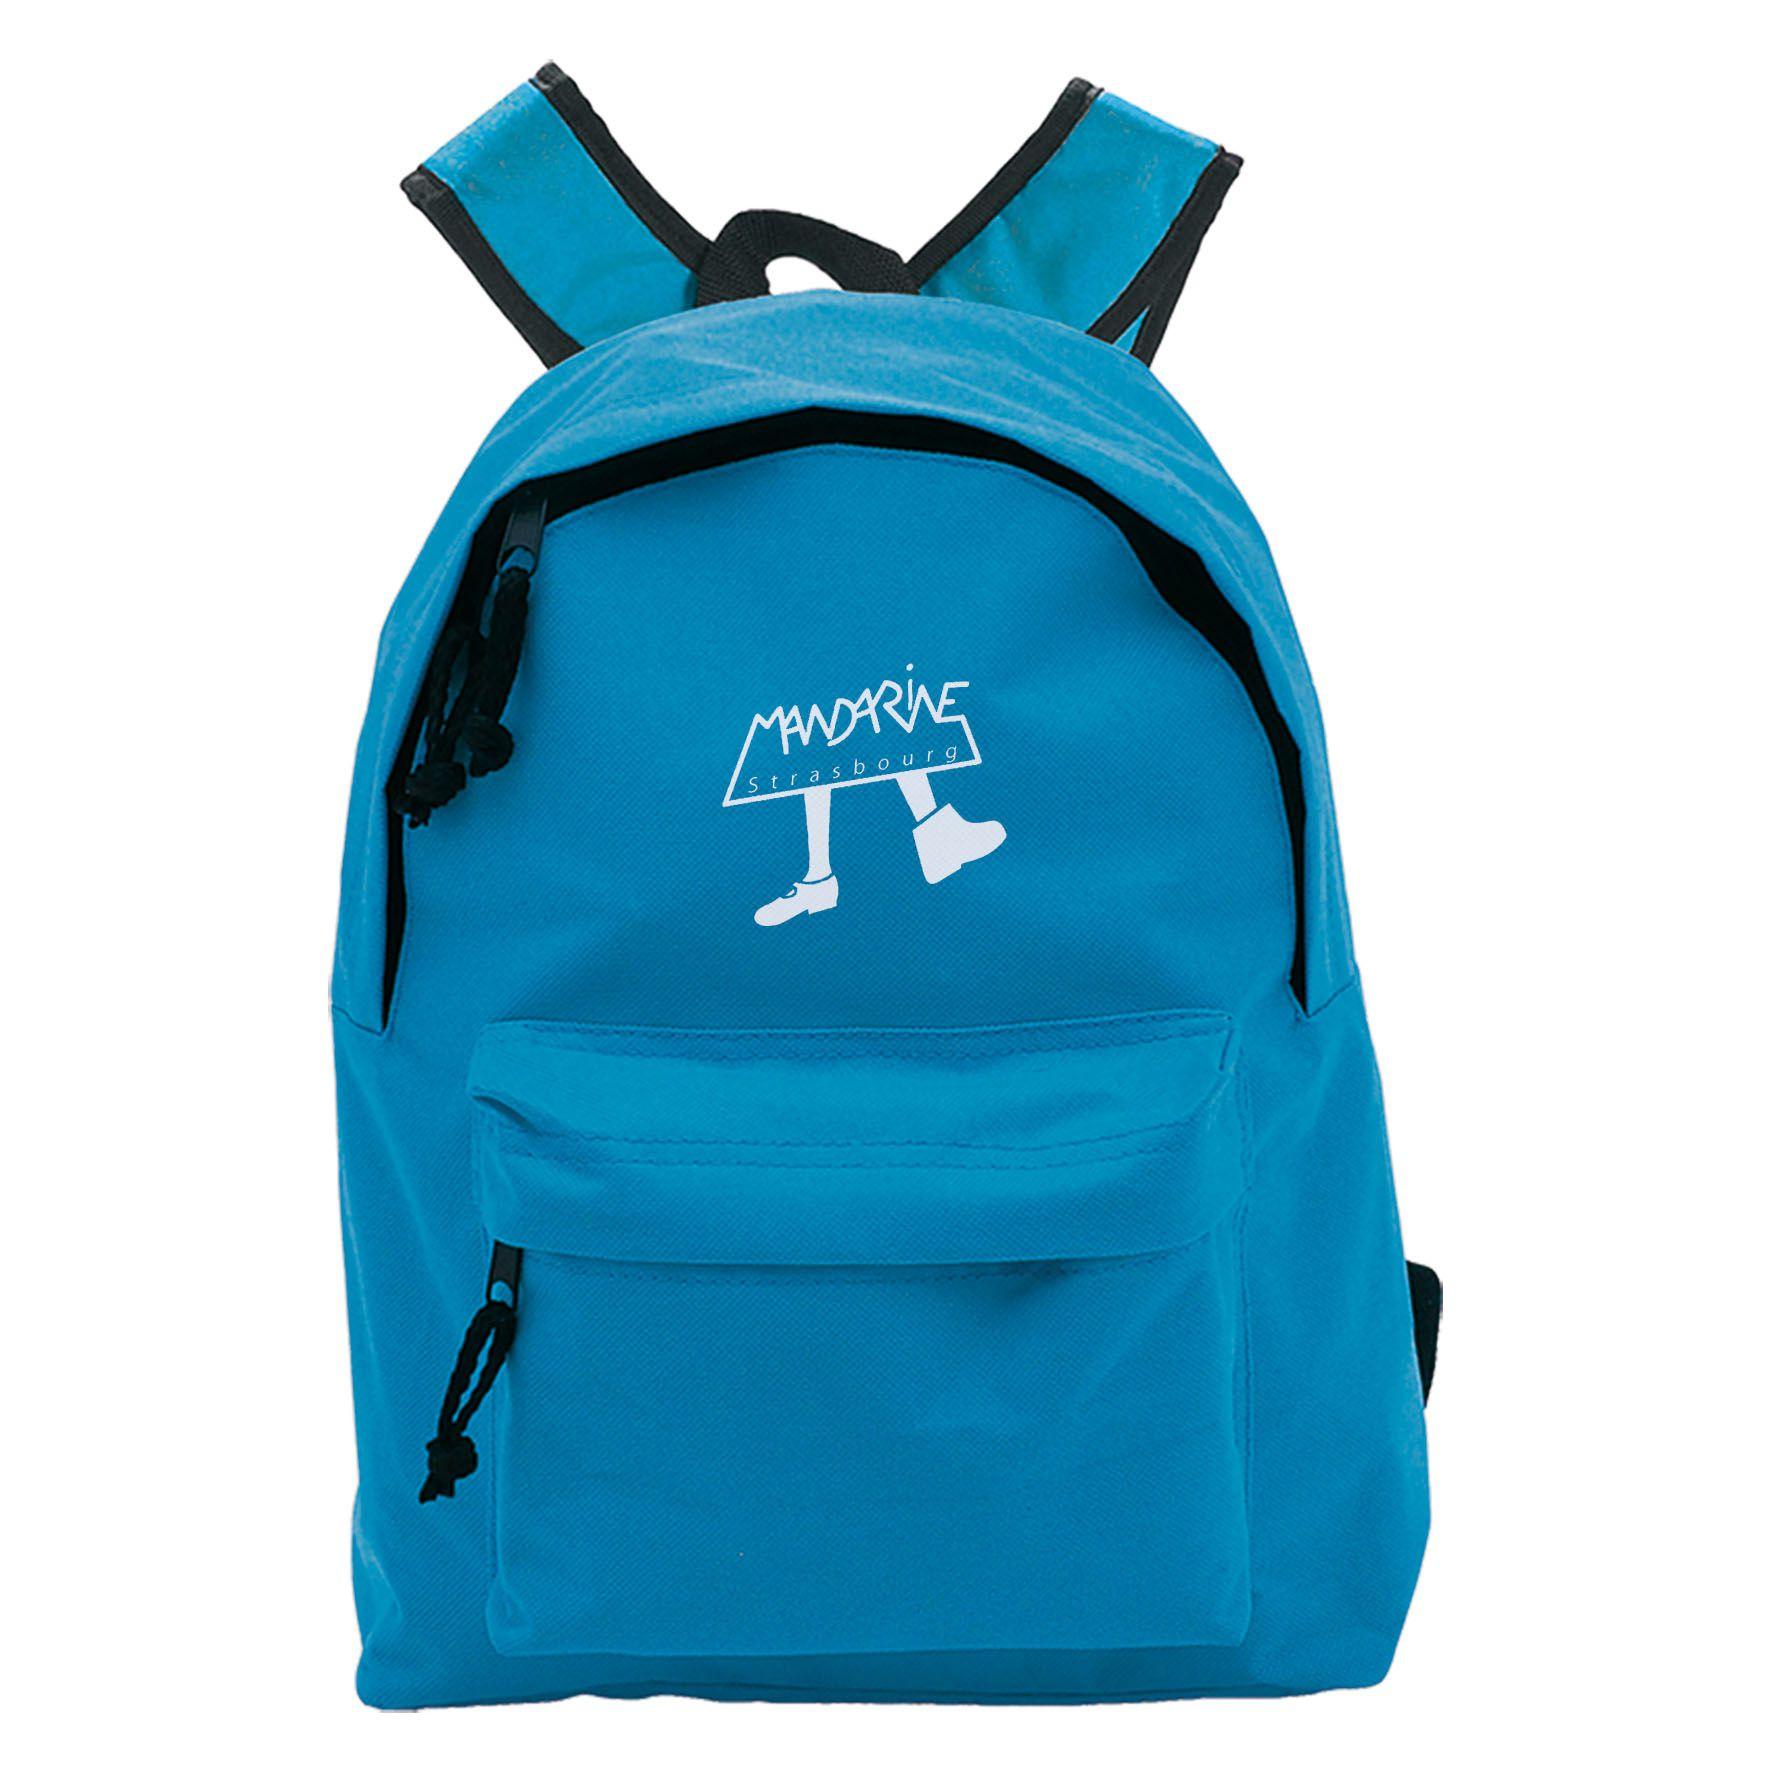 Petit sac à dos publicitaire Coloré - sac à dos personnalisable bleu